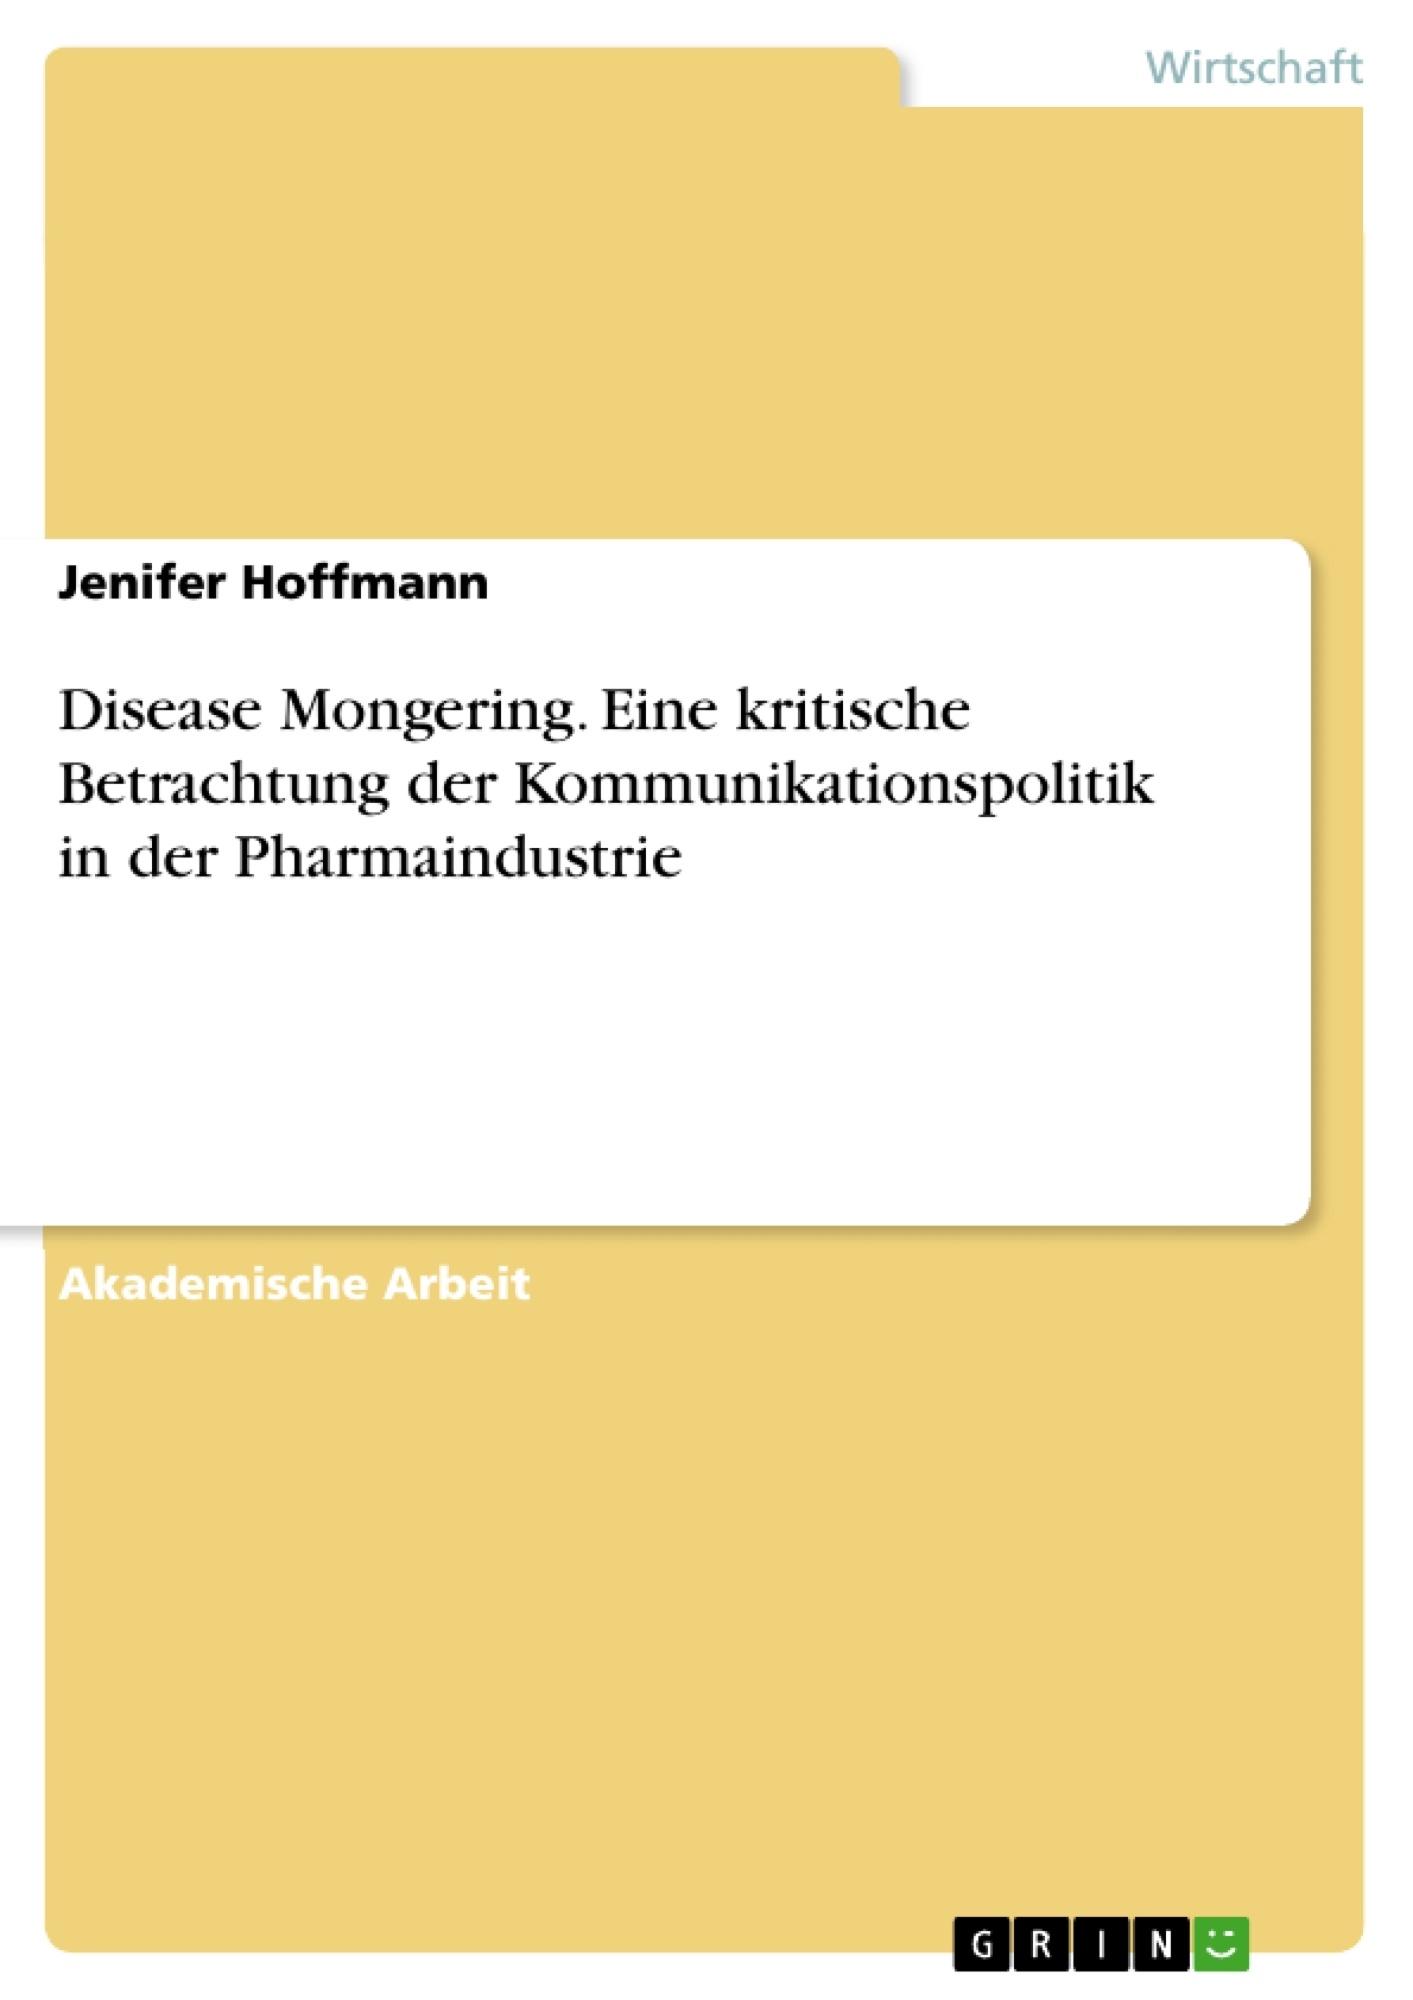 Titel: Disease Mongering. Eine kritische Betrachtung der Kommunikationspolitik in der Pharmaindustrie